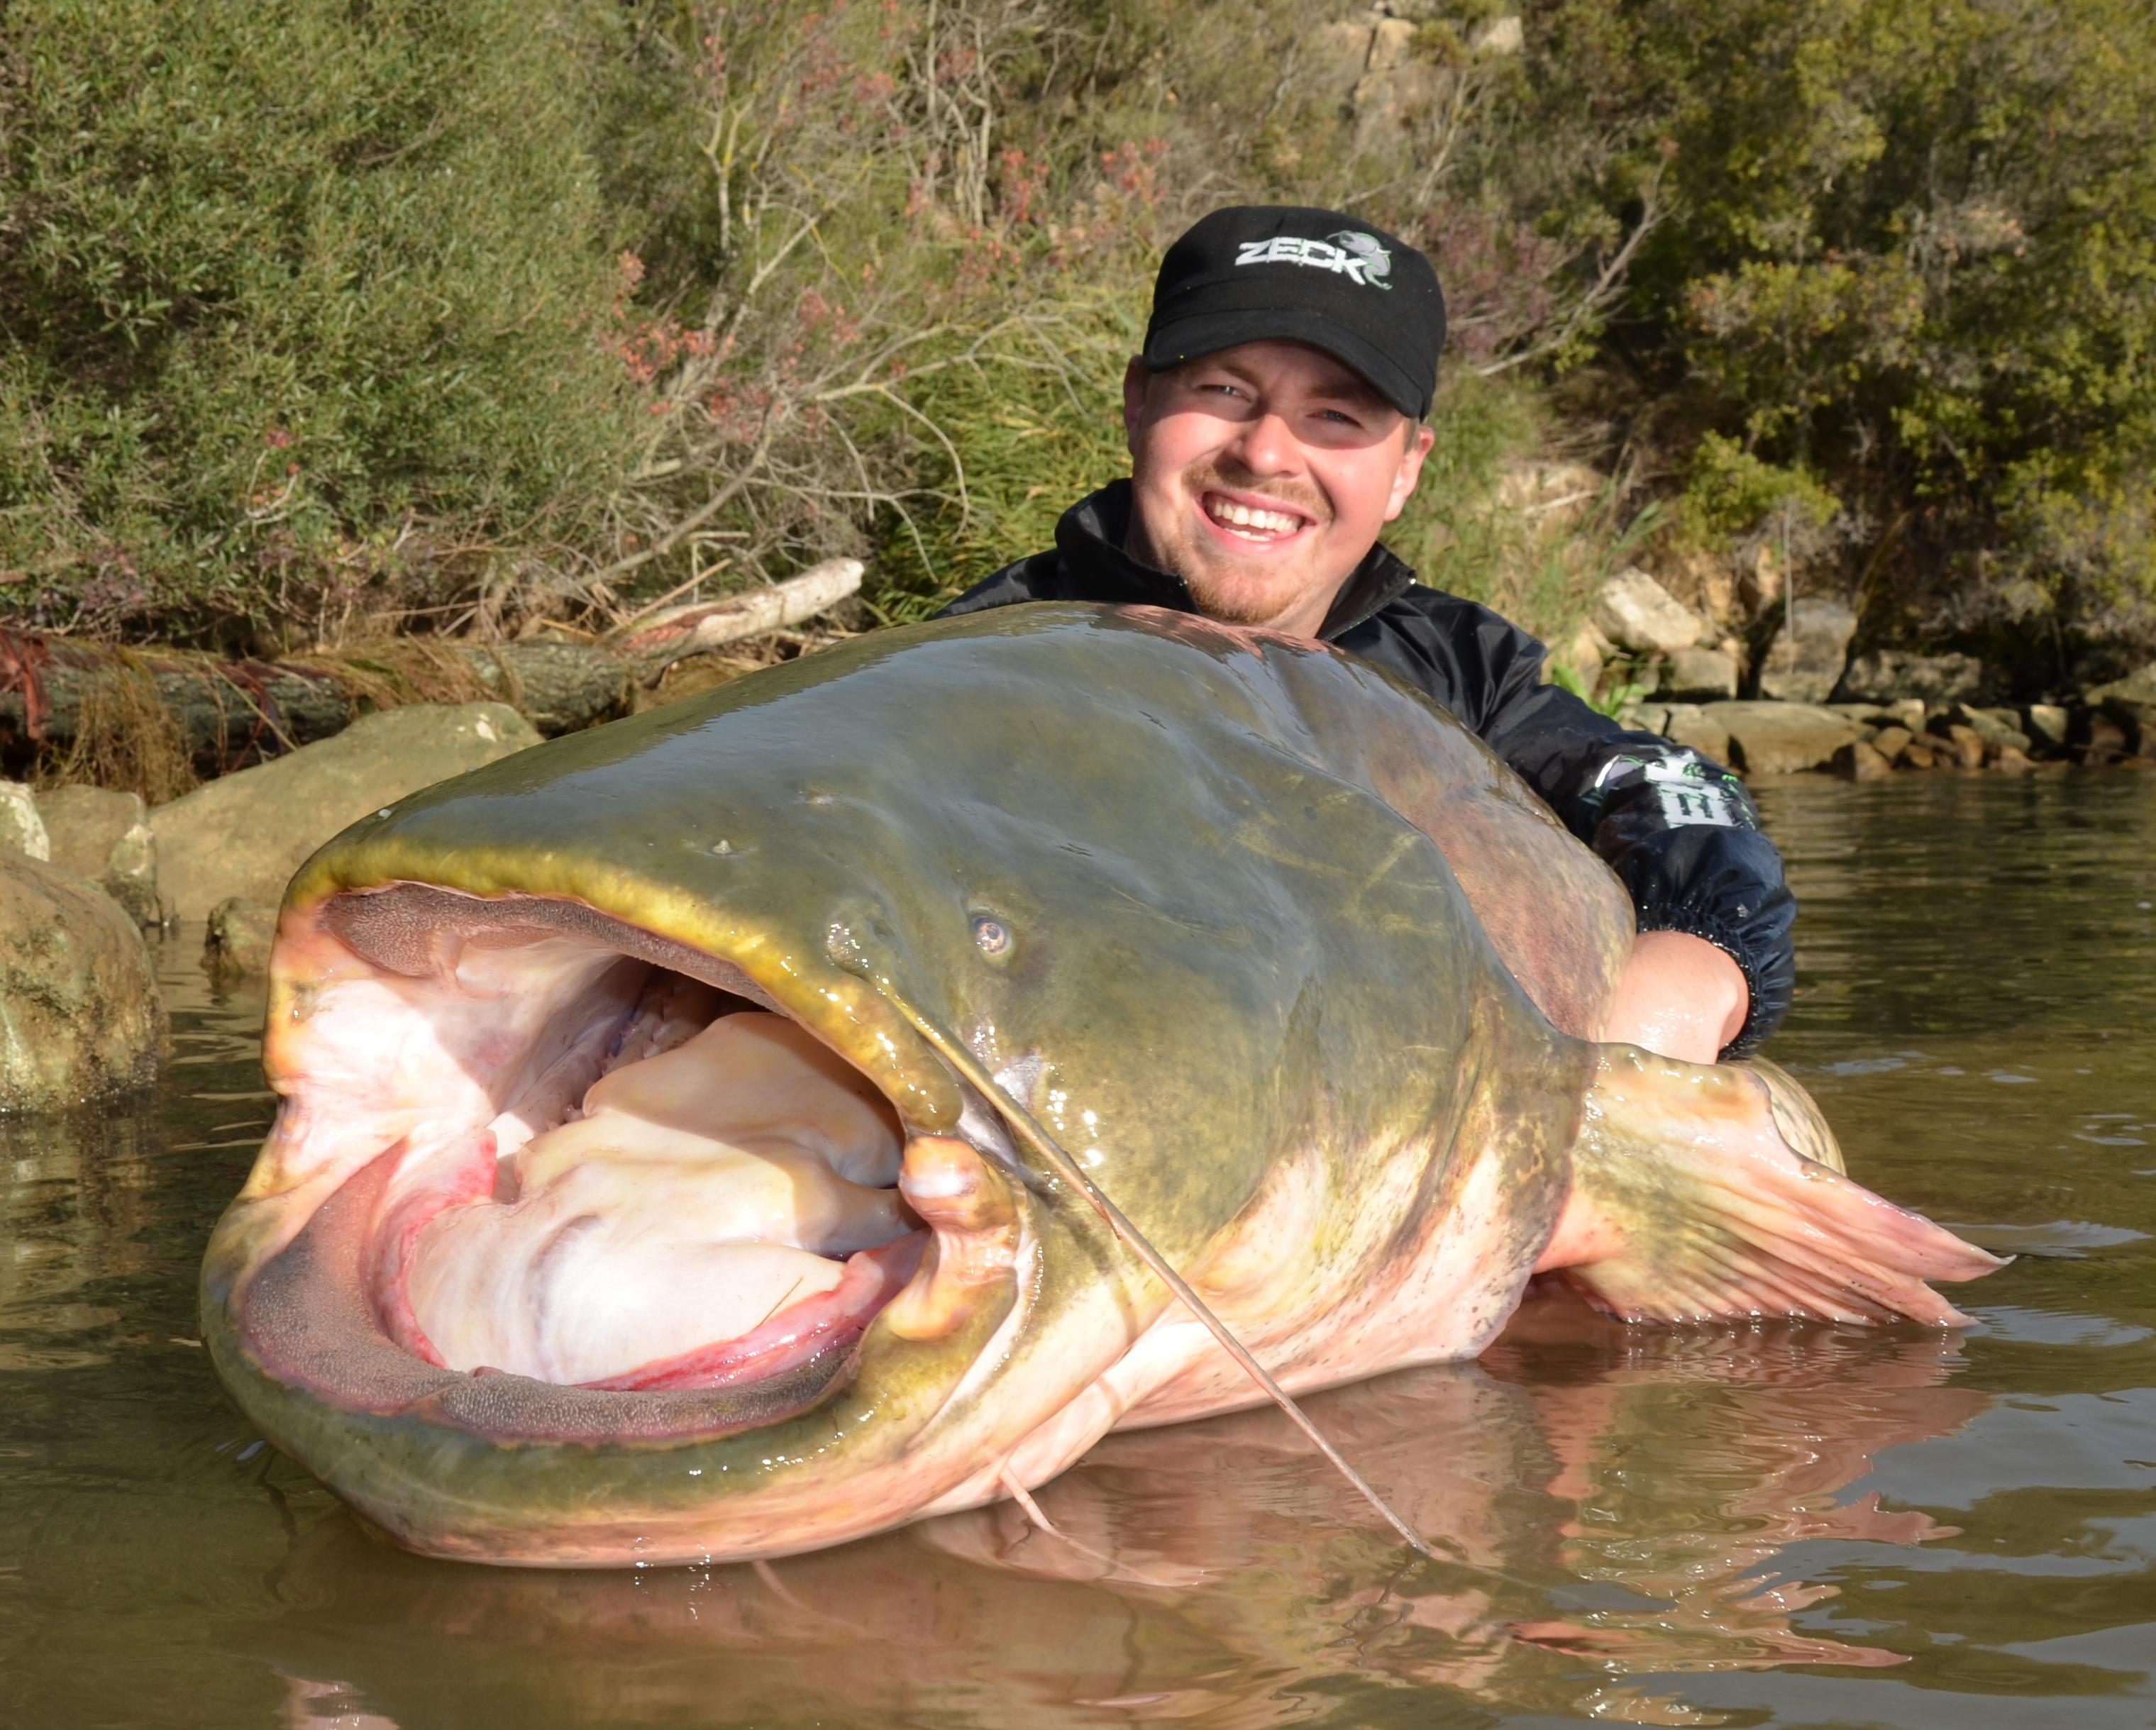 Zeck fishing - Carsten Zeck